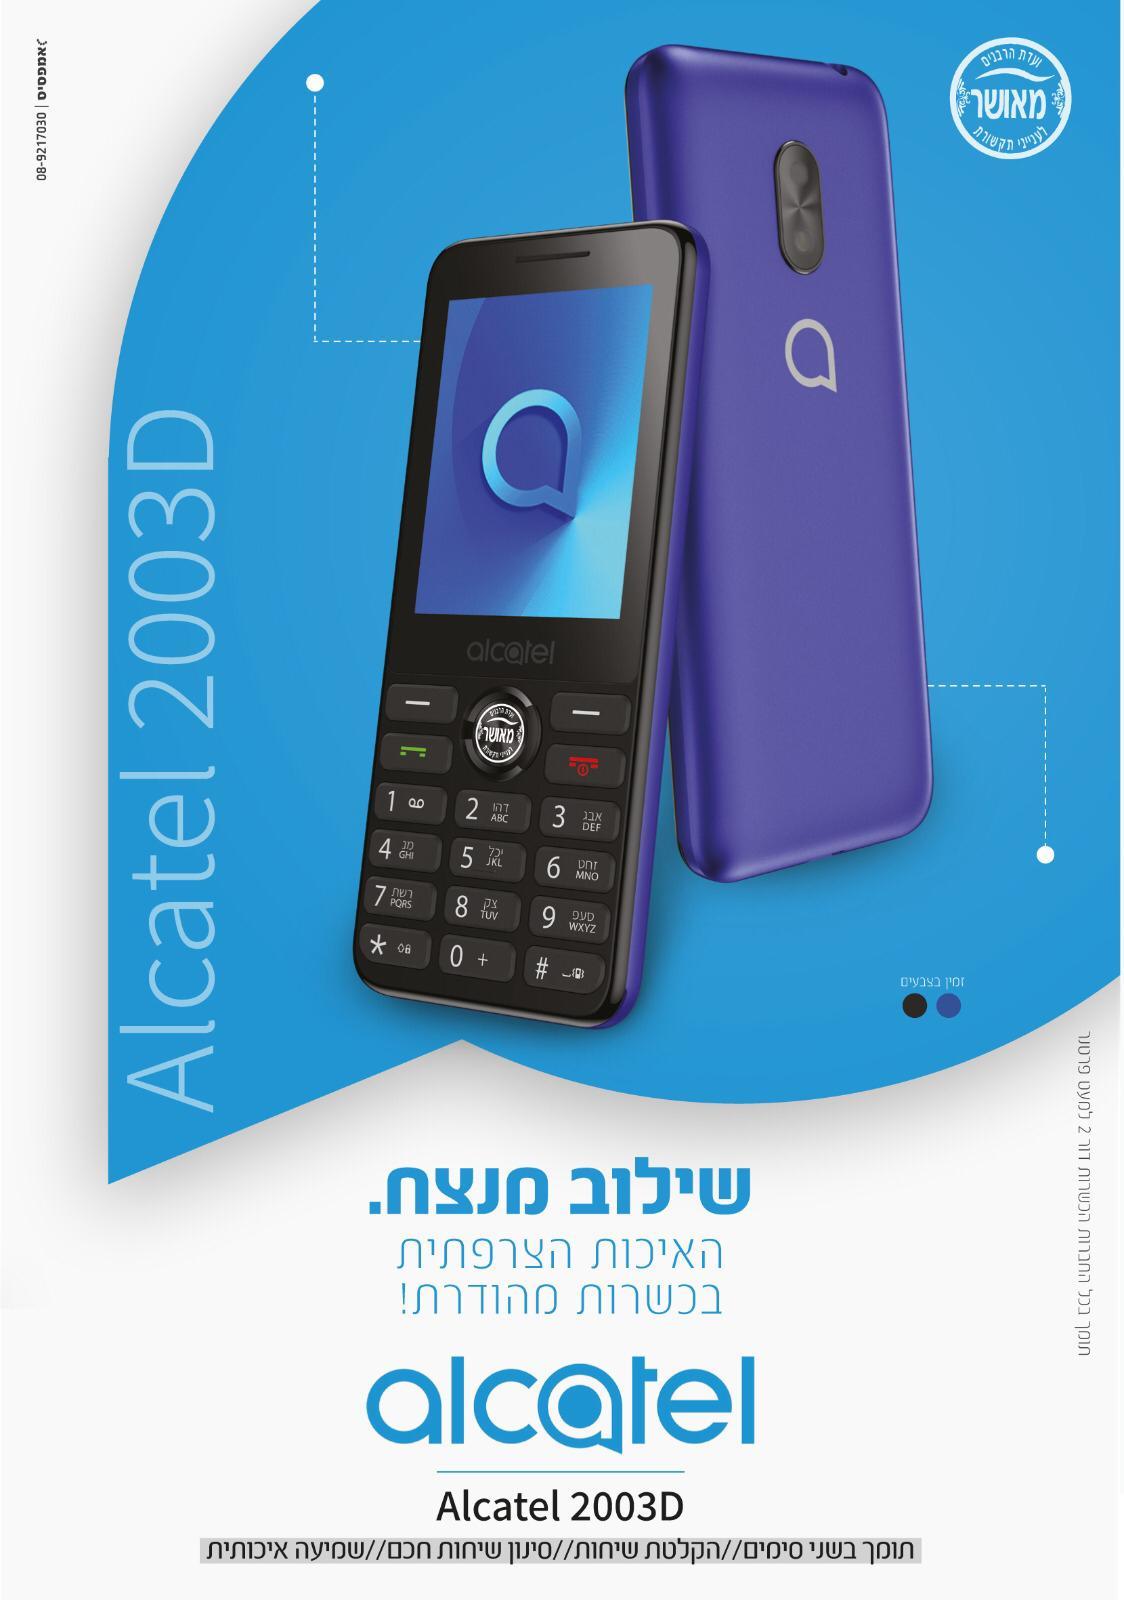 חדש! מכשיר אלקטל Alcatel דגם 2003D דור 2G משלוח חינם